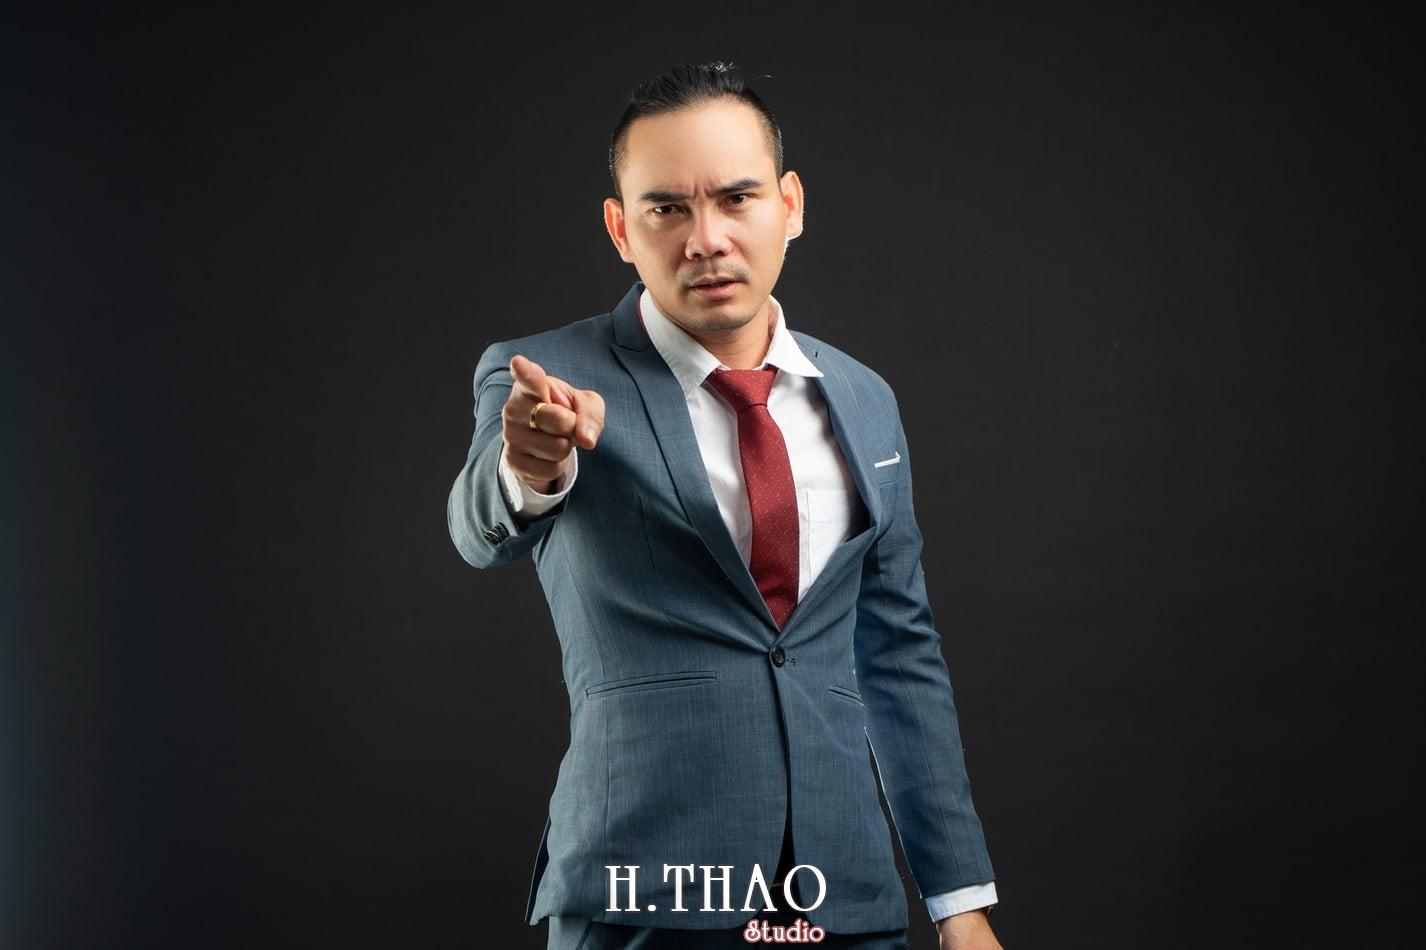 Anh Profile Ngoc Trai 7 min - Album ảnh phong cách cá tính mạnh mẽ anh Ngọc Trai - HThao Studio